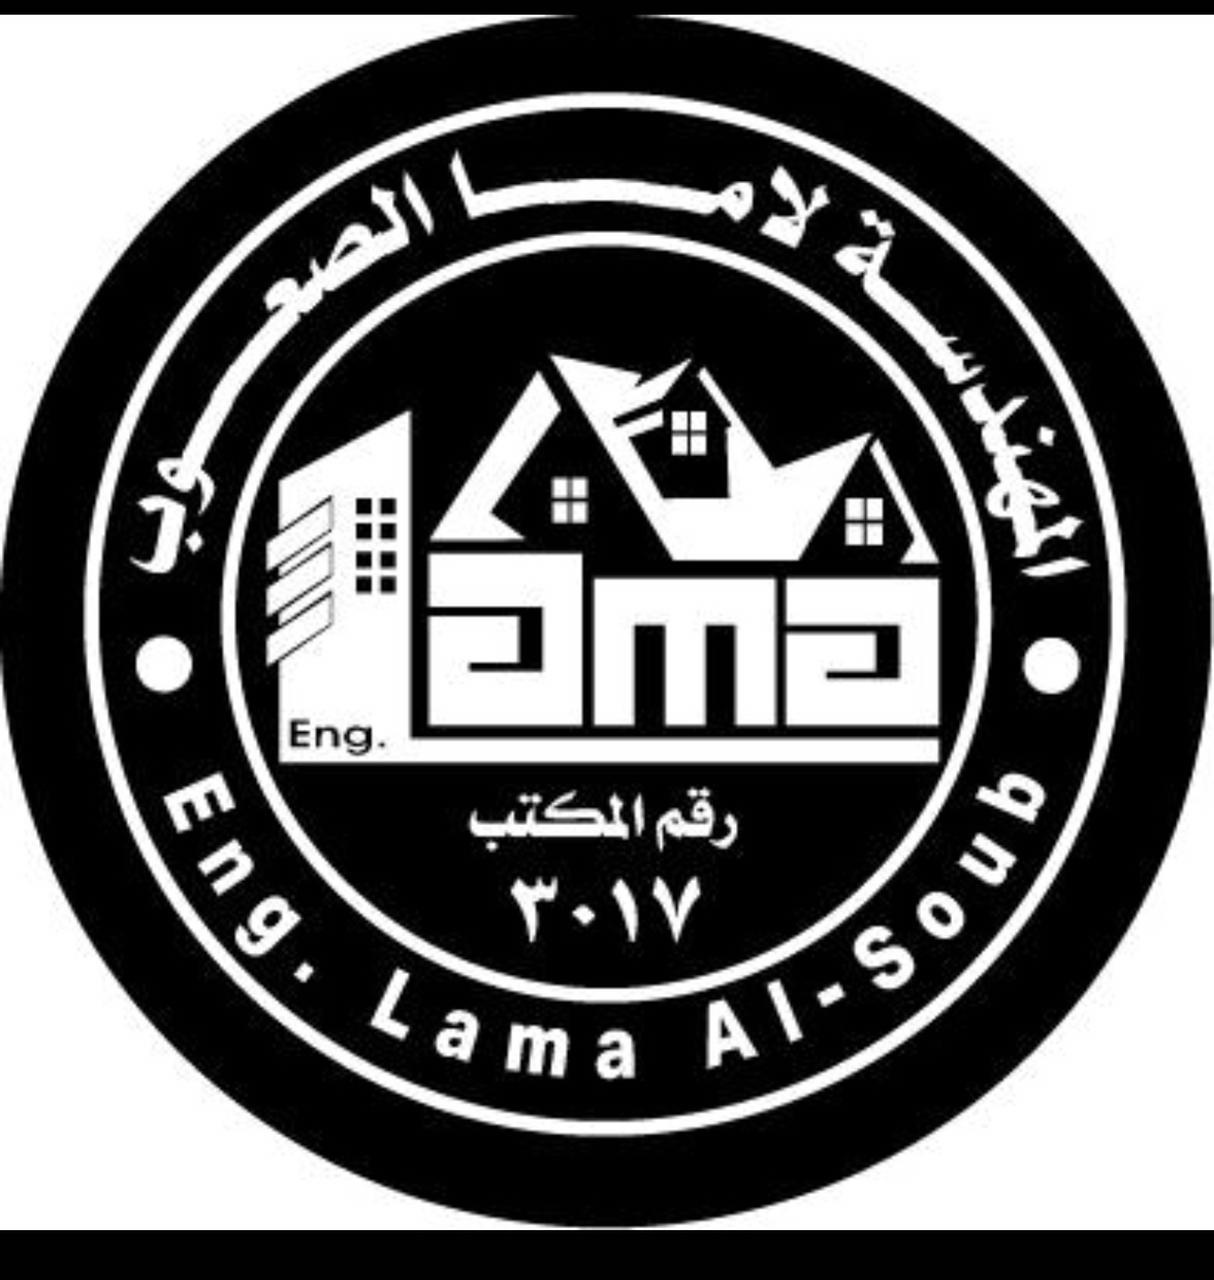 الدكتور فرحان العبيسات يهنئ المهندسة لاما الصعوب بافتتاح مكتبها الجديد